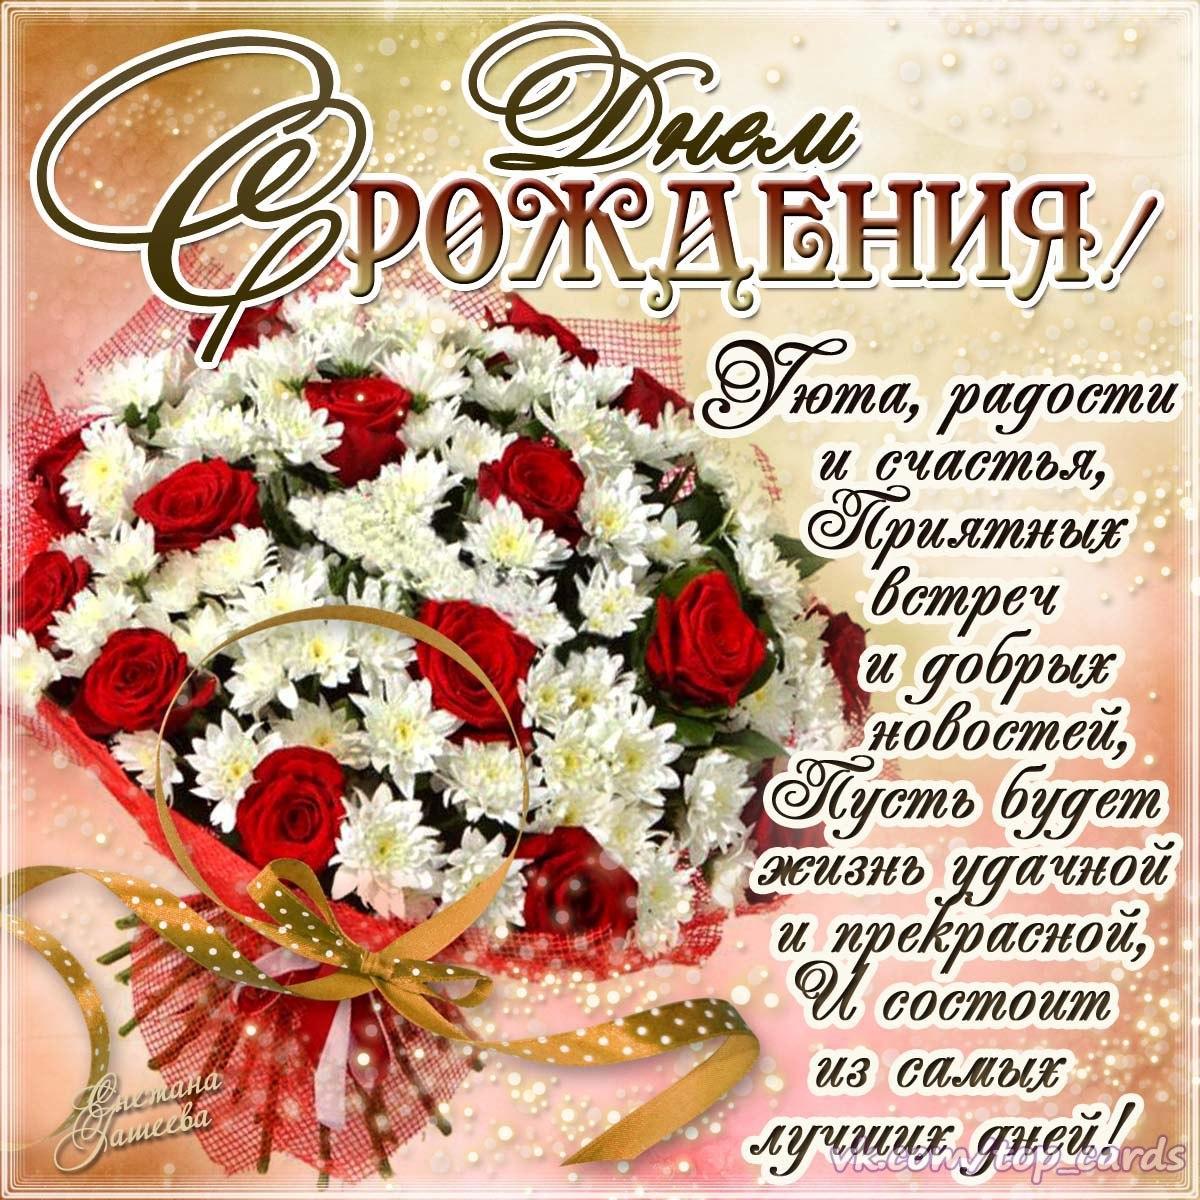 Поздравления с днем рождения молодой маме - Поздравок 76